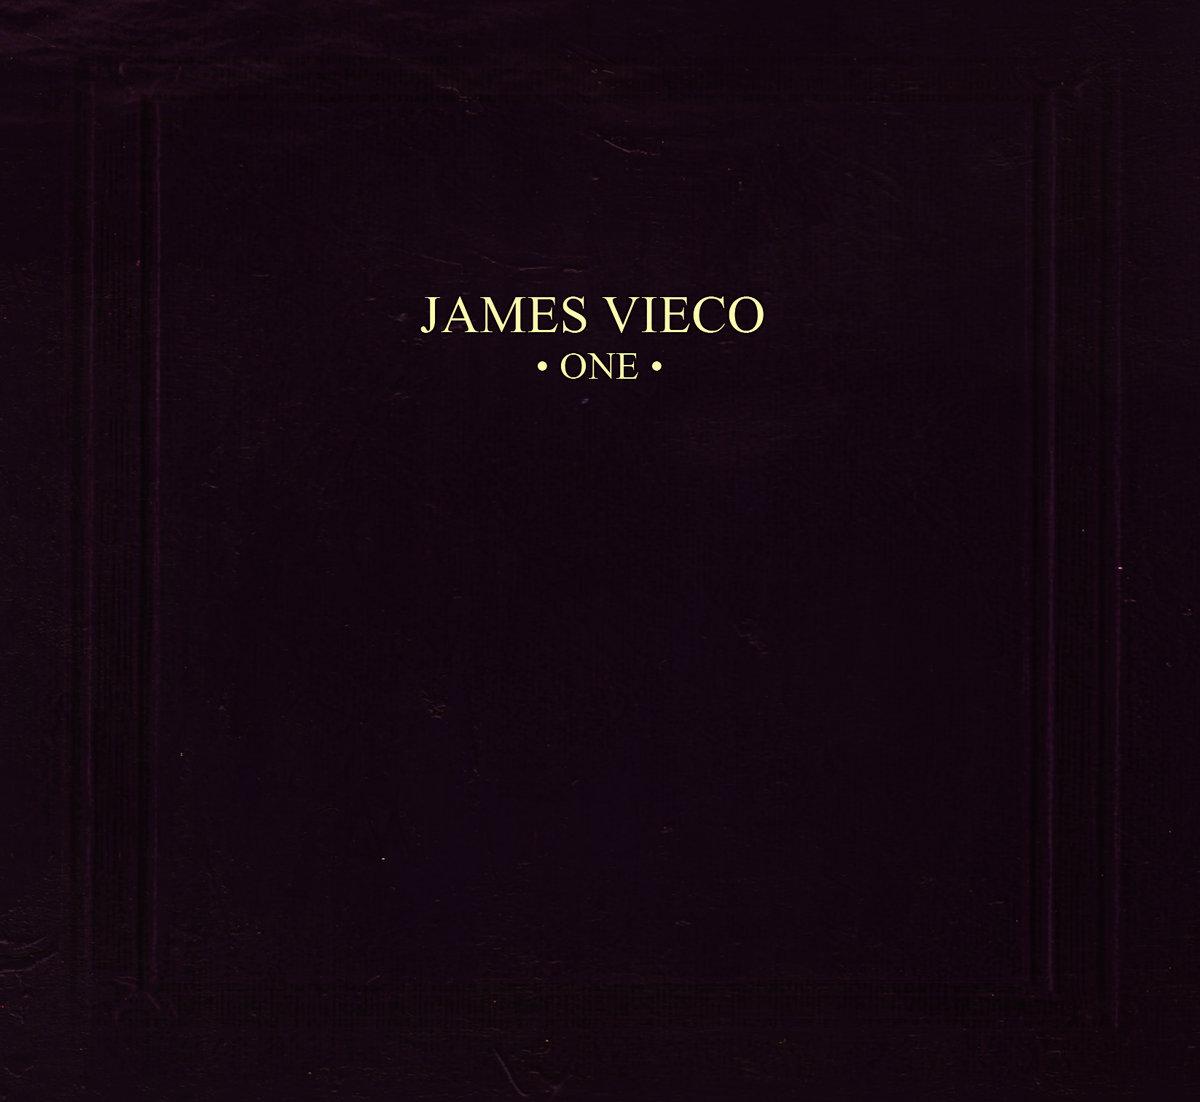 Resultado de imagen de JAMES VIECO ONE